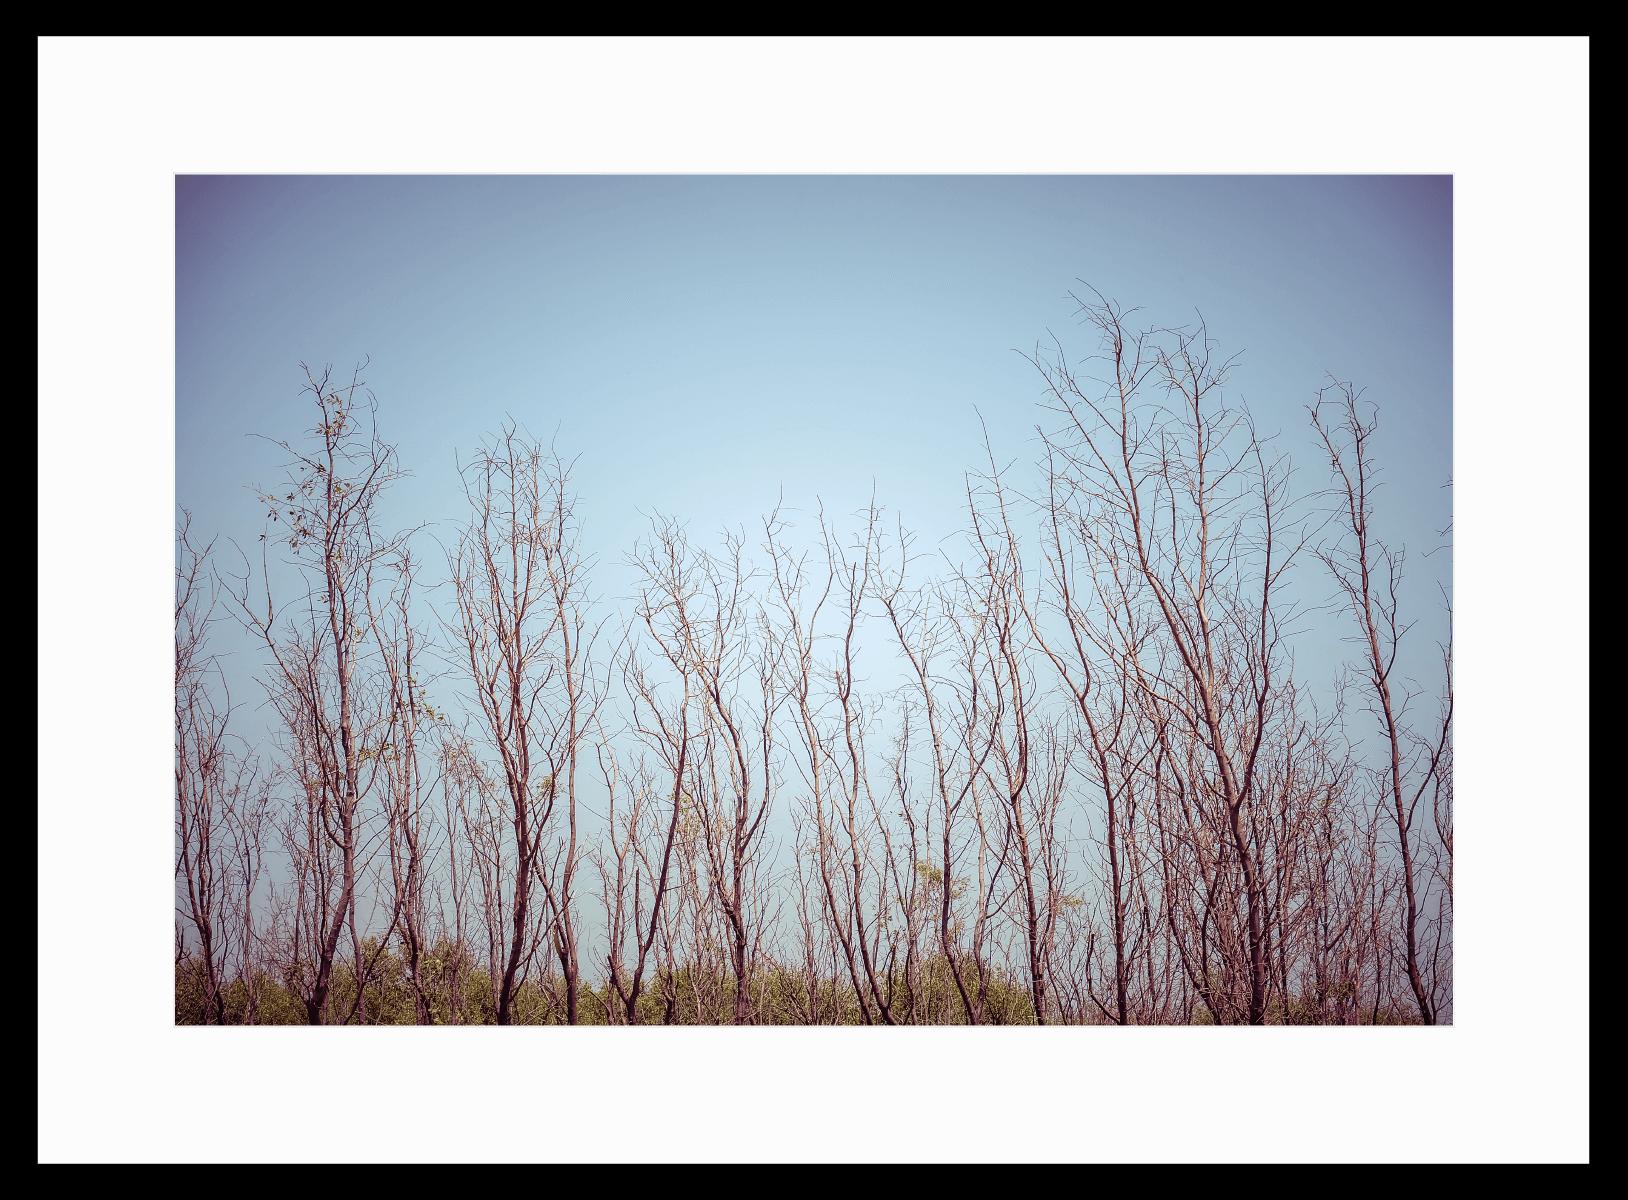 רויאל ביץ, תל אביב